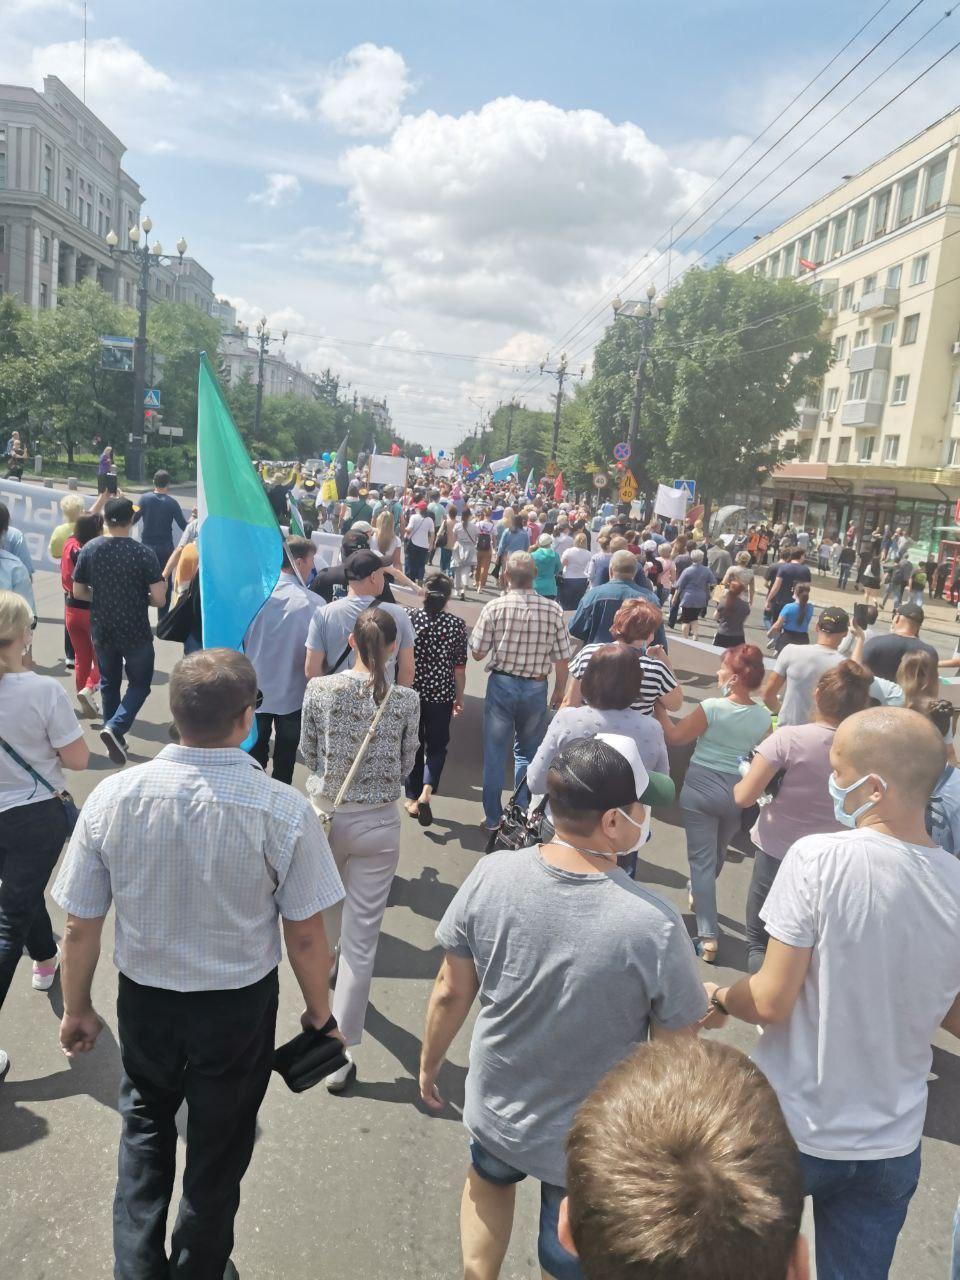 Количество участников несанкционированных мероприятий в Хабаровске снижается, но это не точно